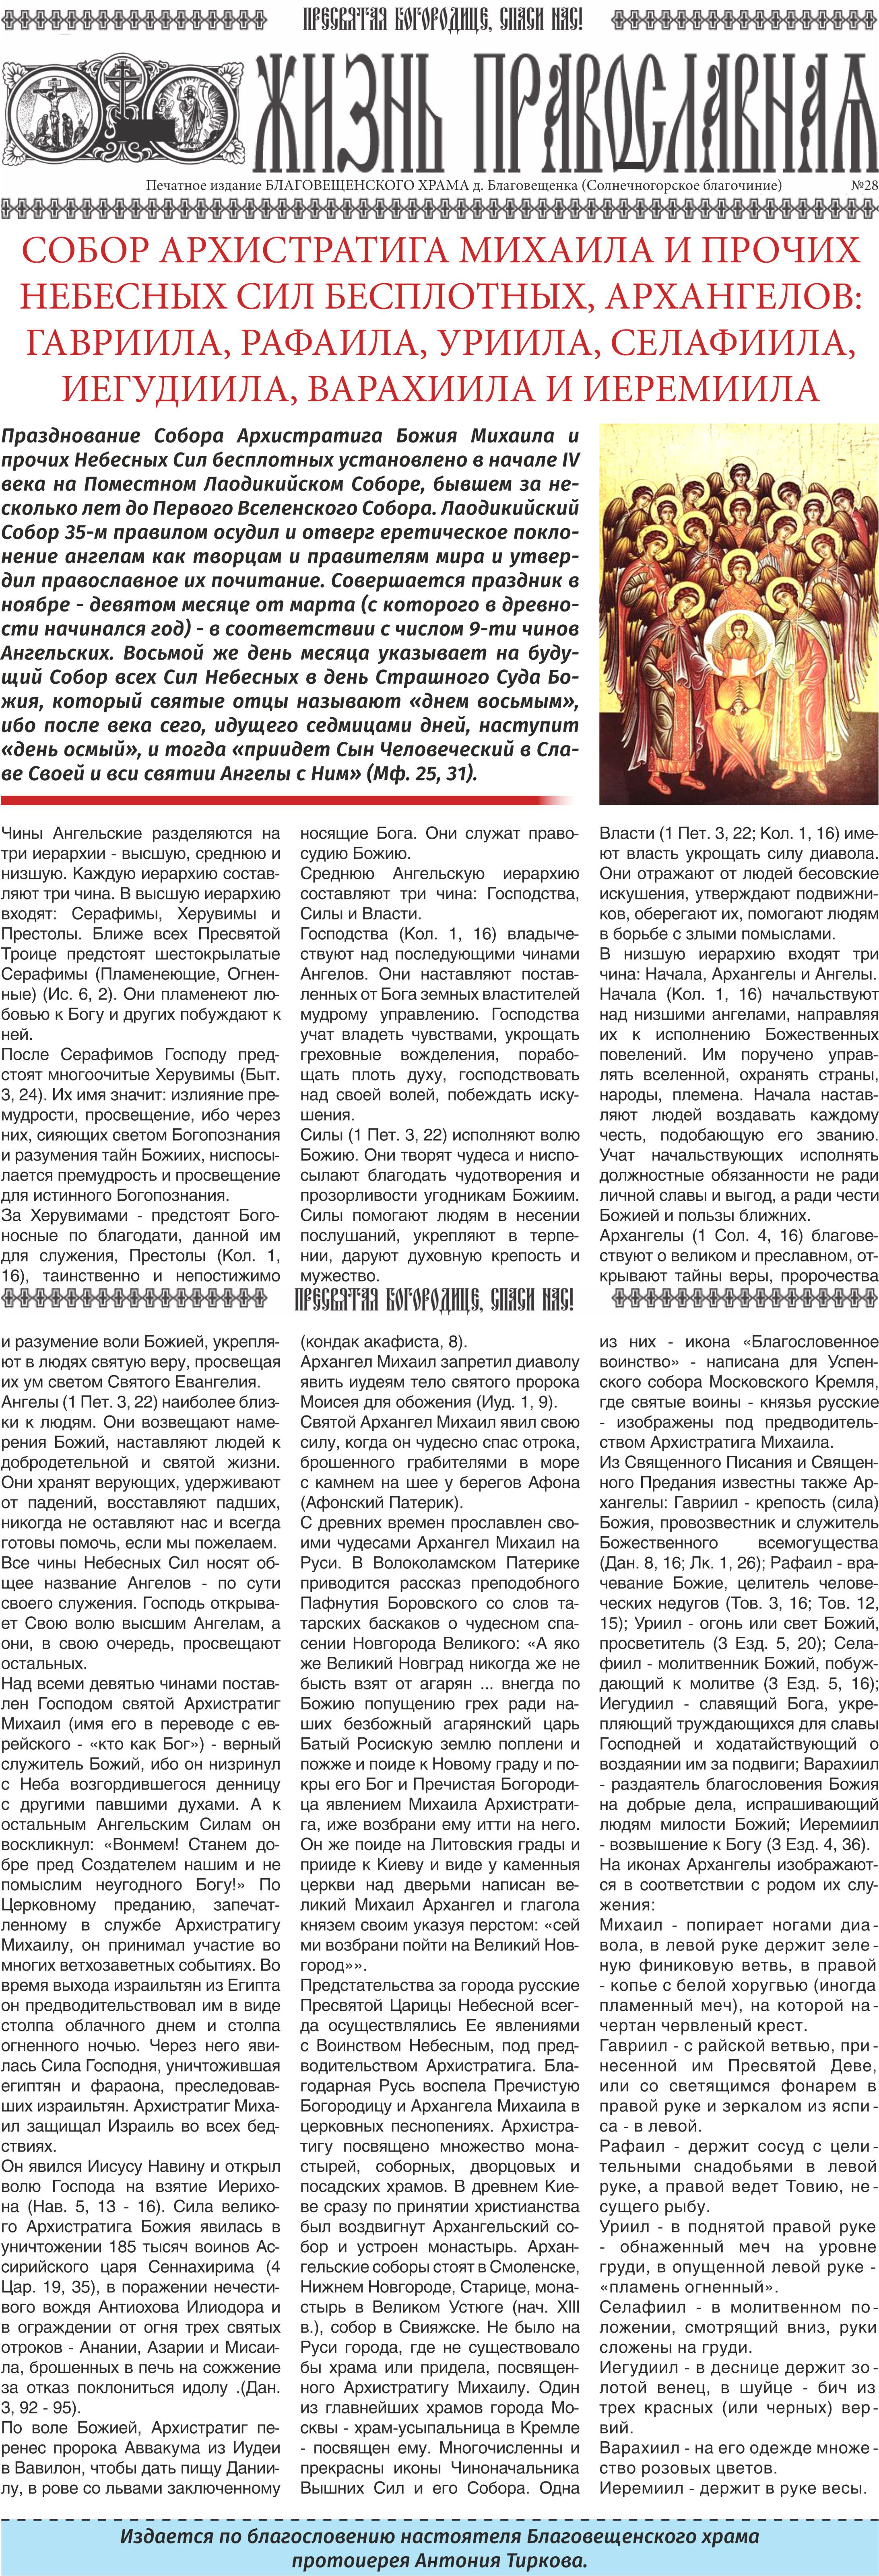 Жизнь православная 2017-28